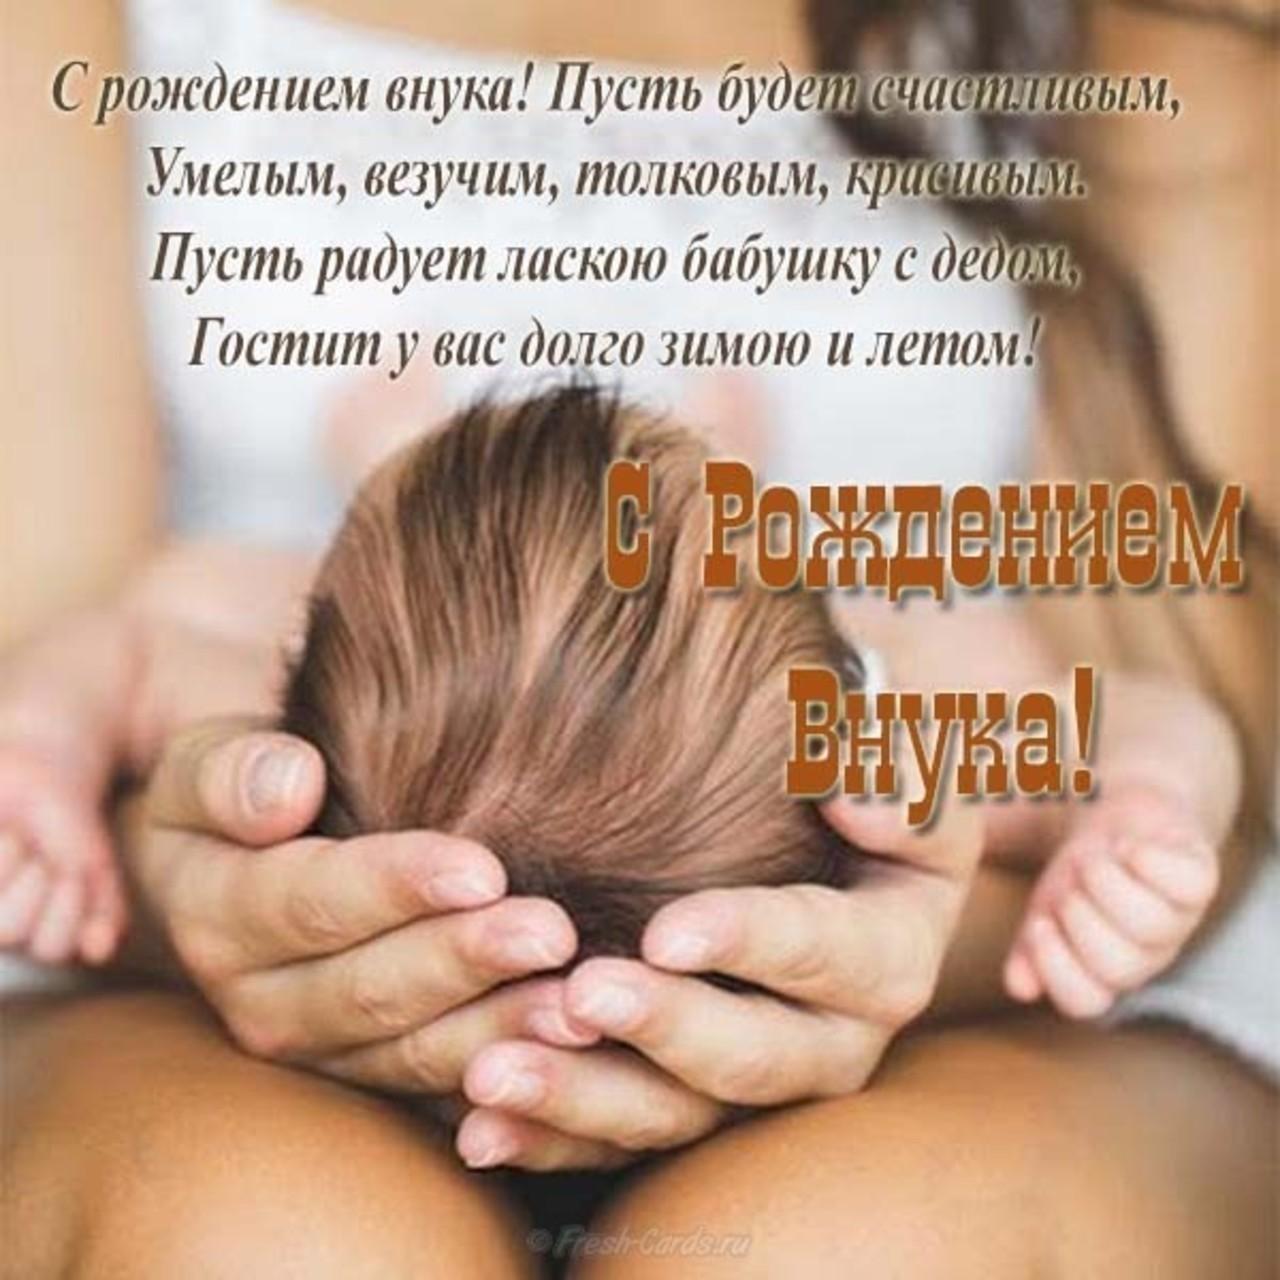 Поздравления для молодой бабушки с рождением внука прикольные